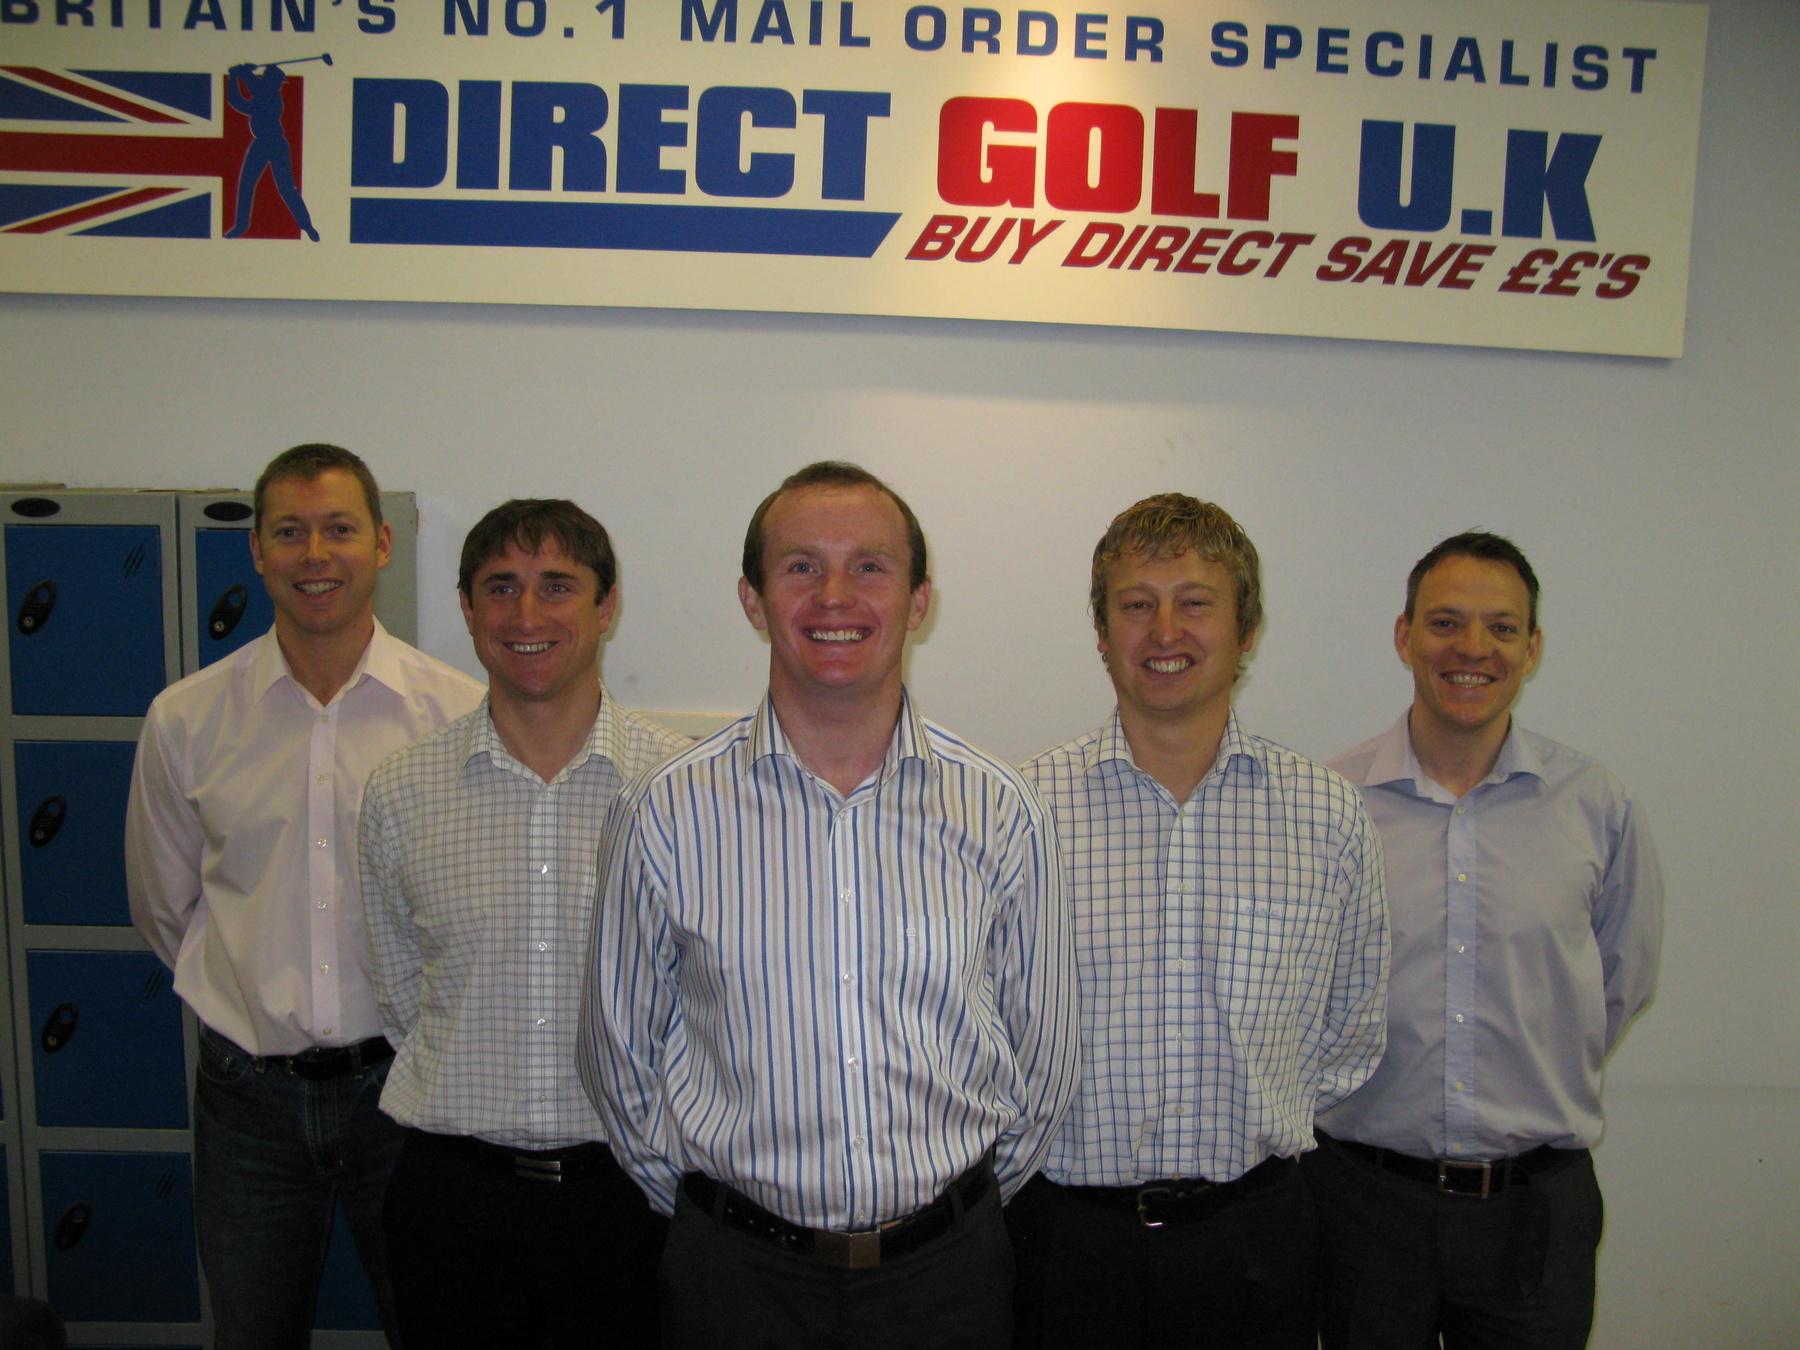 Direct Golf Directors